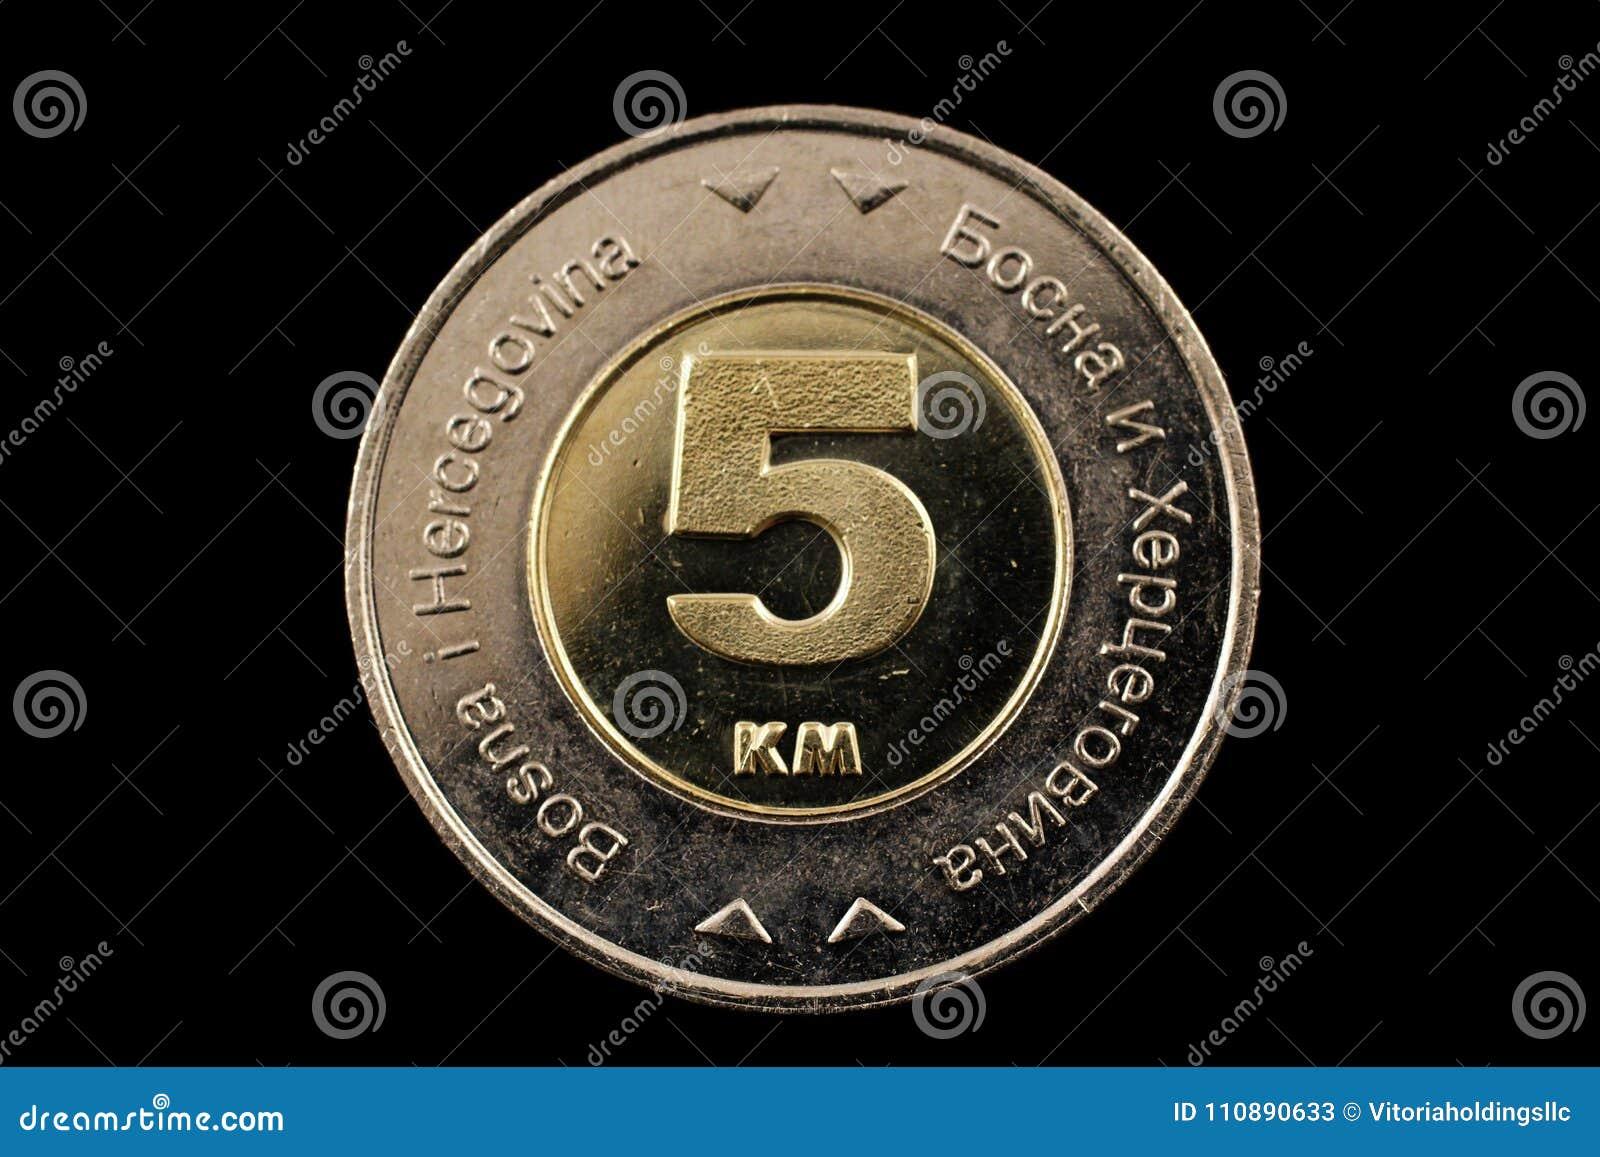 Βοσνιακό νόμισμα 5 χλμ που απομονώνεται σε ένα μαύρο υπόβαθρο